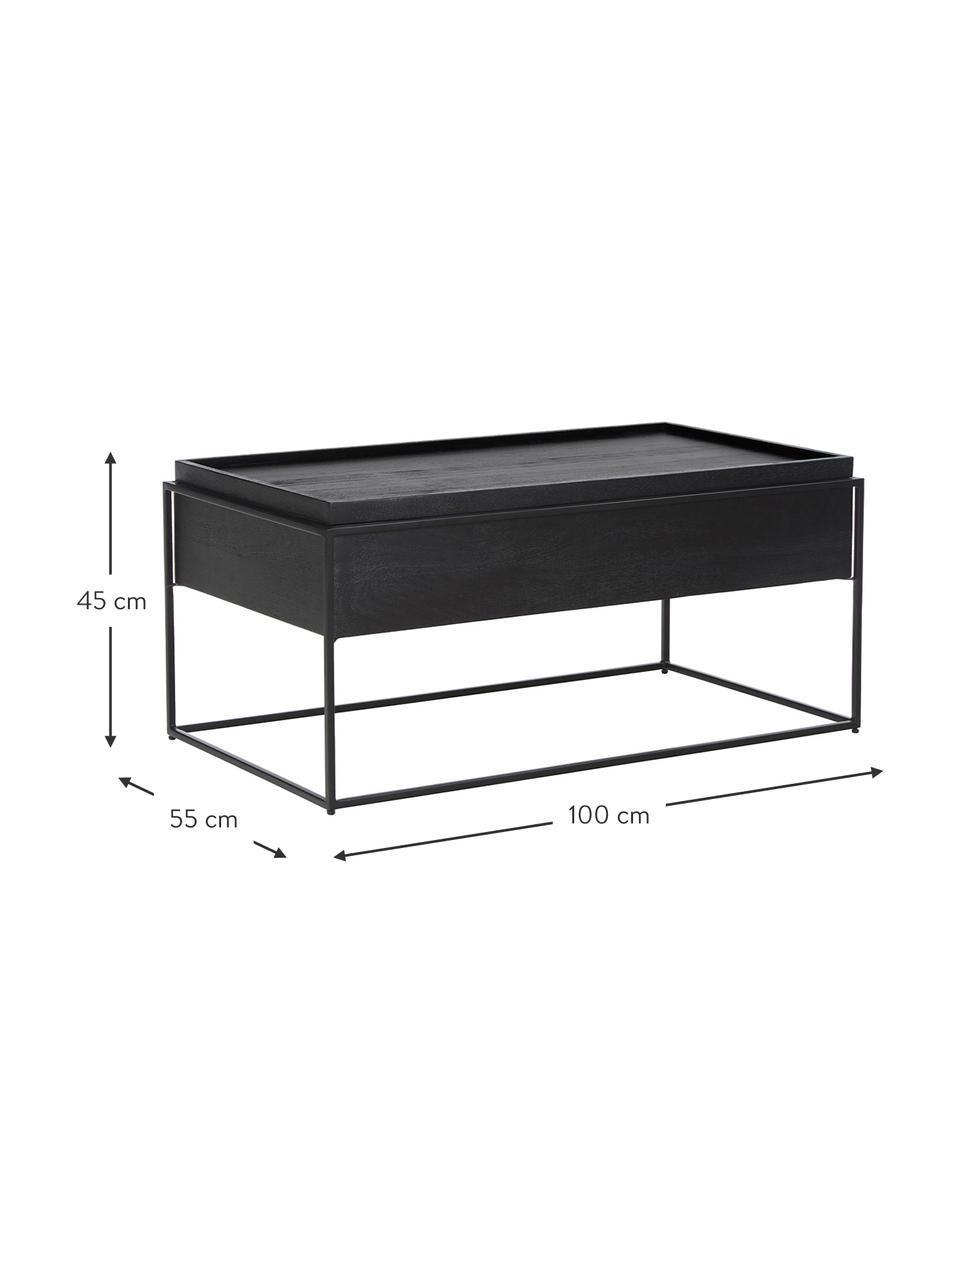 Salontafel Theo met opbergruimte, Frame: gepoedercoat metaal, Frame: zwart gelakt mangohout. Frame: mat zwart, 100 x 45 cm